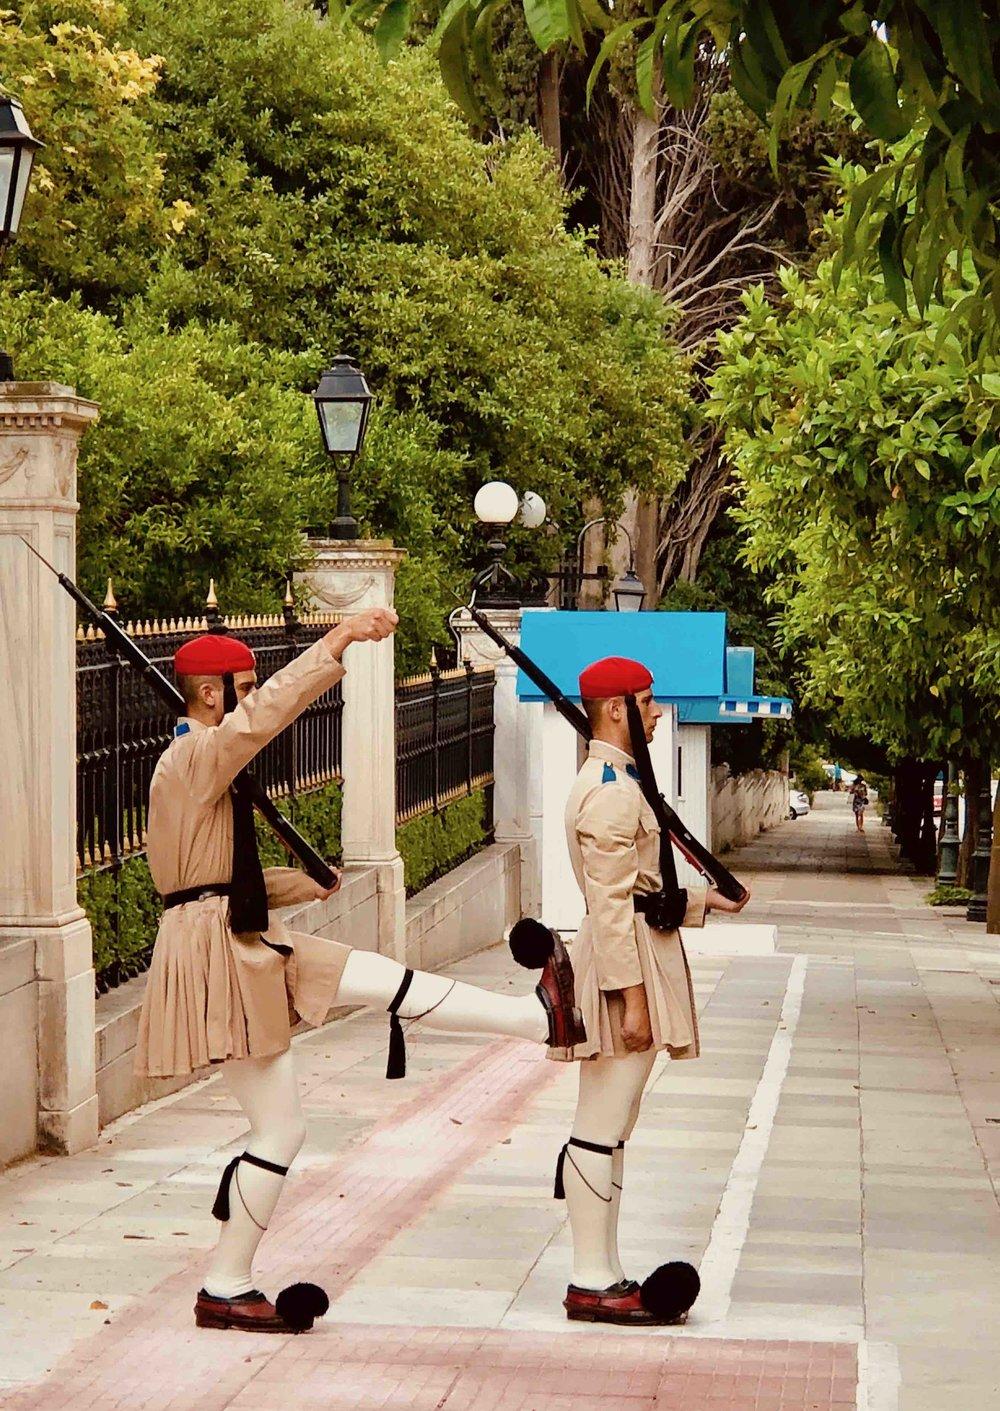 Evzones - Presidential Guards